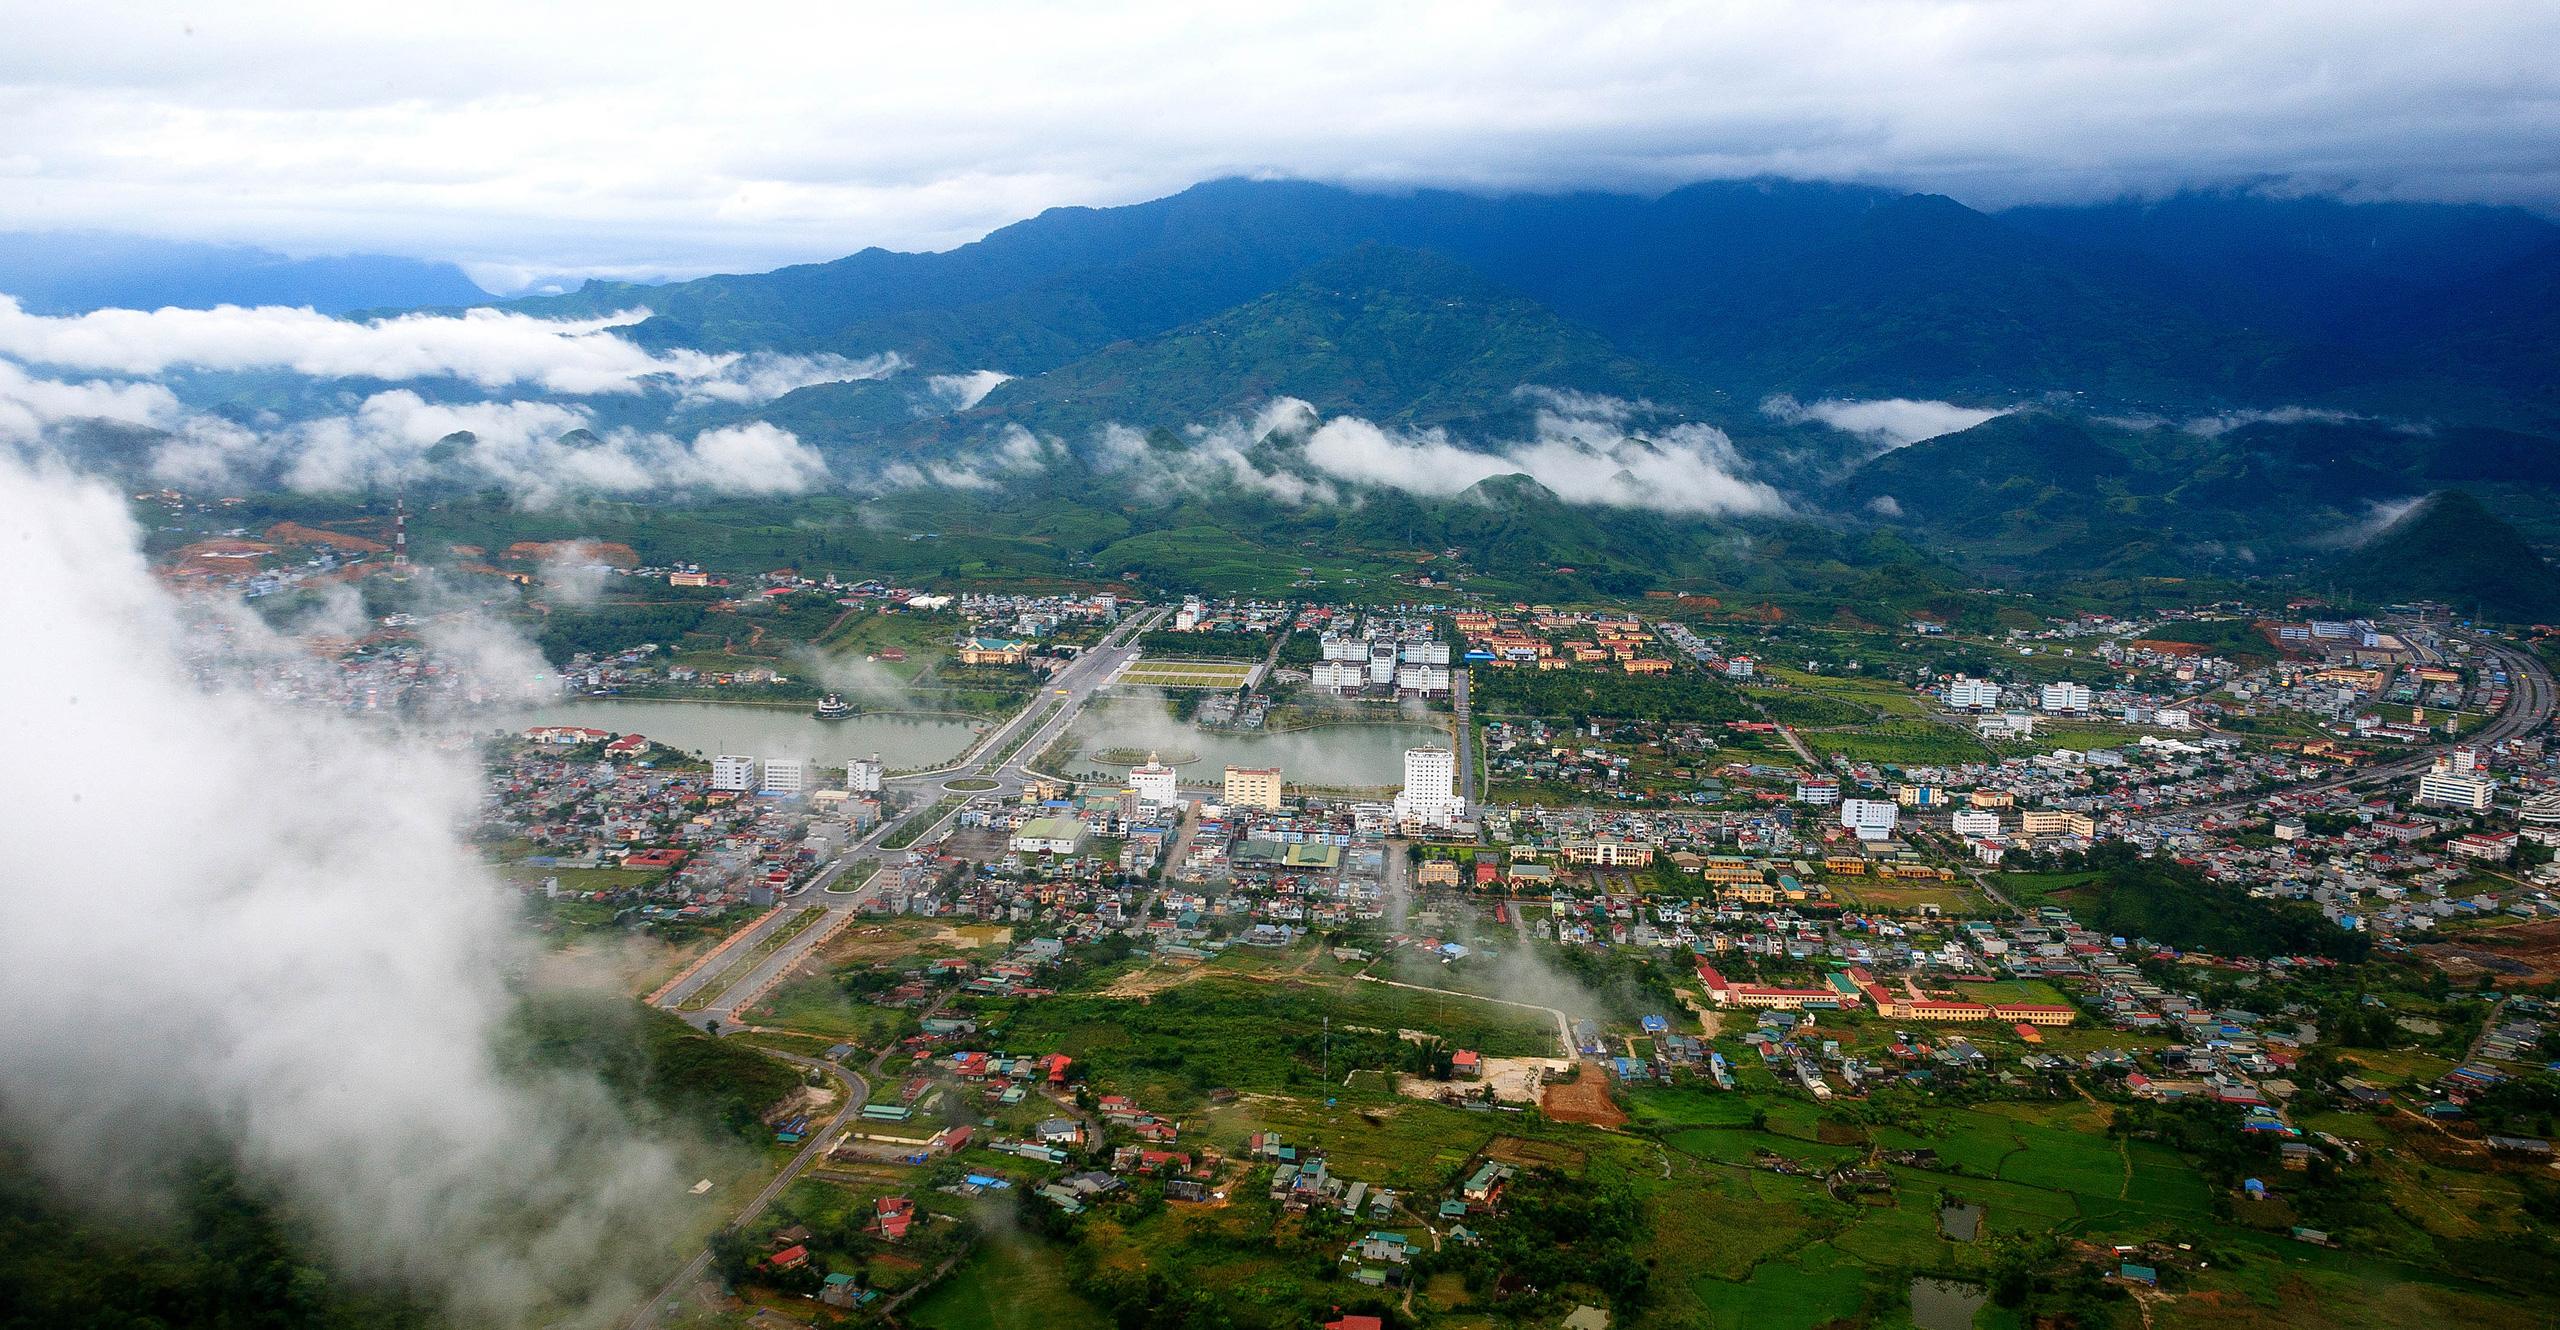 Lai Châu tìm chủ cho khu đô thị Mắc Ca hơn 760 tỷ đồng - Ảnh 1.